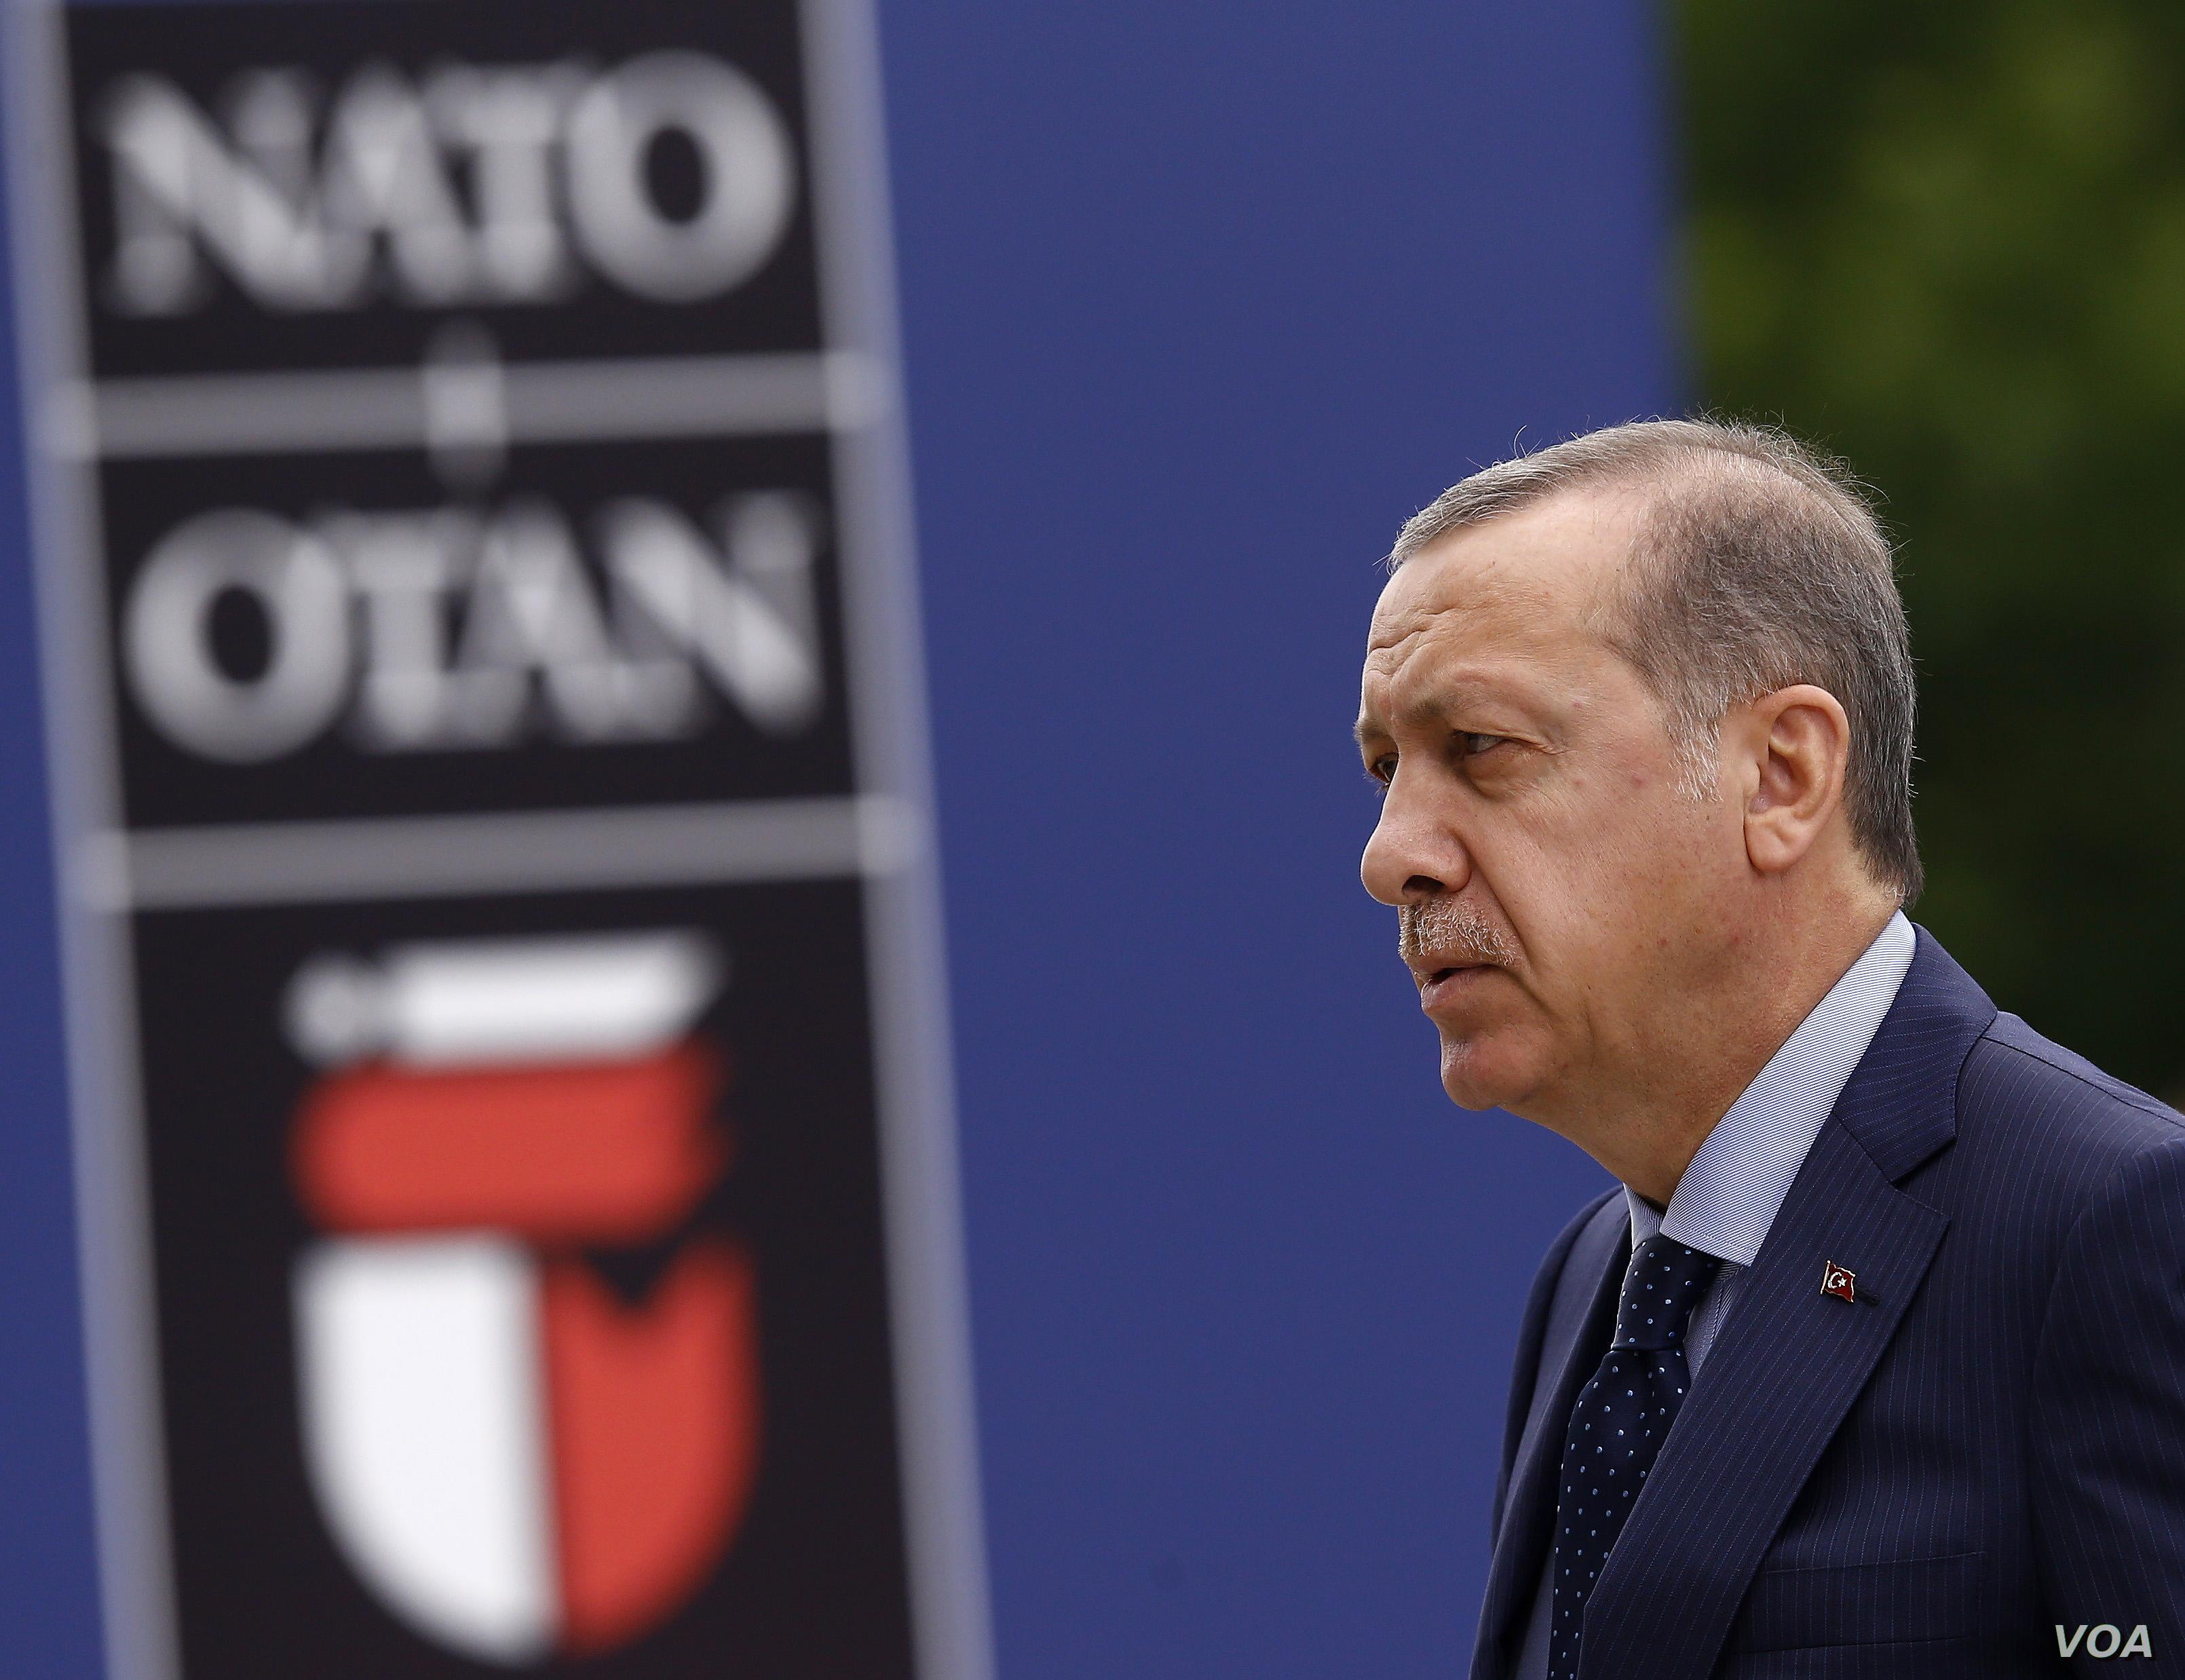 صورة حتى أوروبا نفسها لم تستخدمها.. مصدر يكشف عن خطوة تركية غير مسبوقة باتجاه السوريين